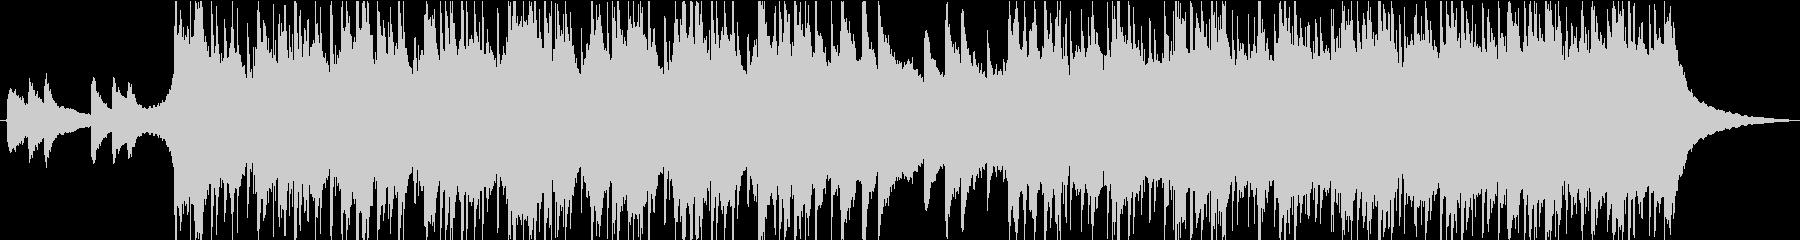 アンビエント ほのぼの 幸せ テク...の未再生の波形